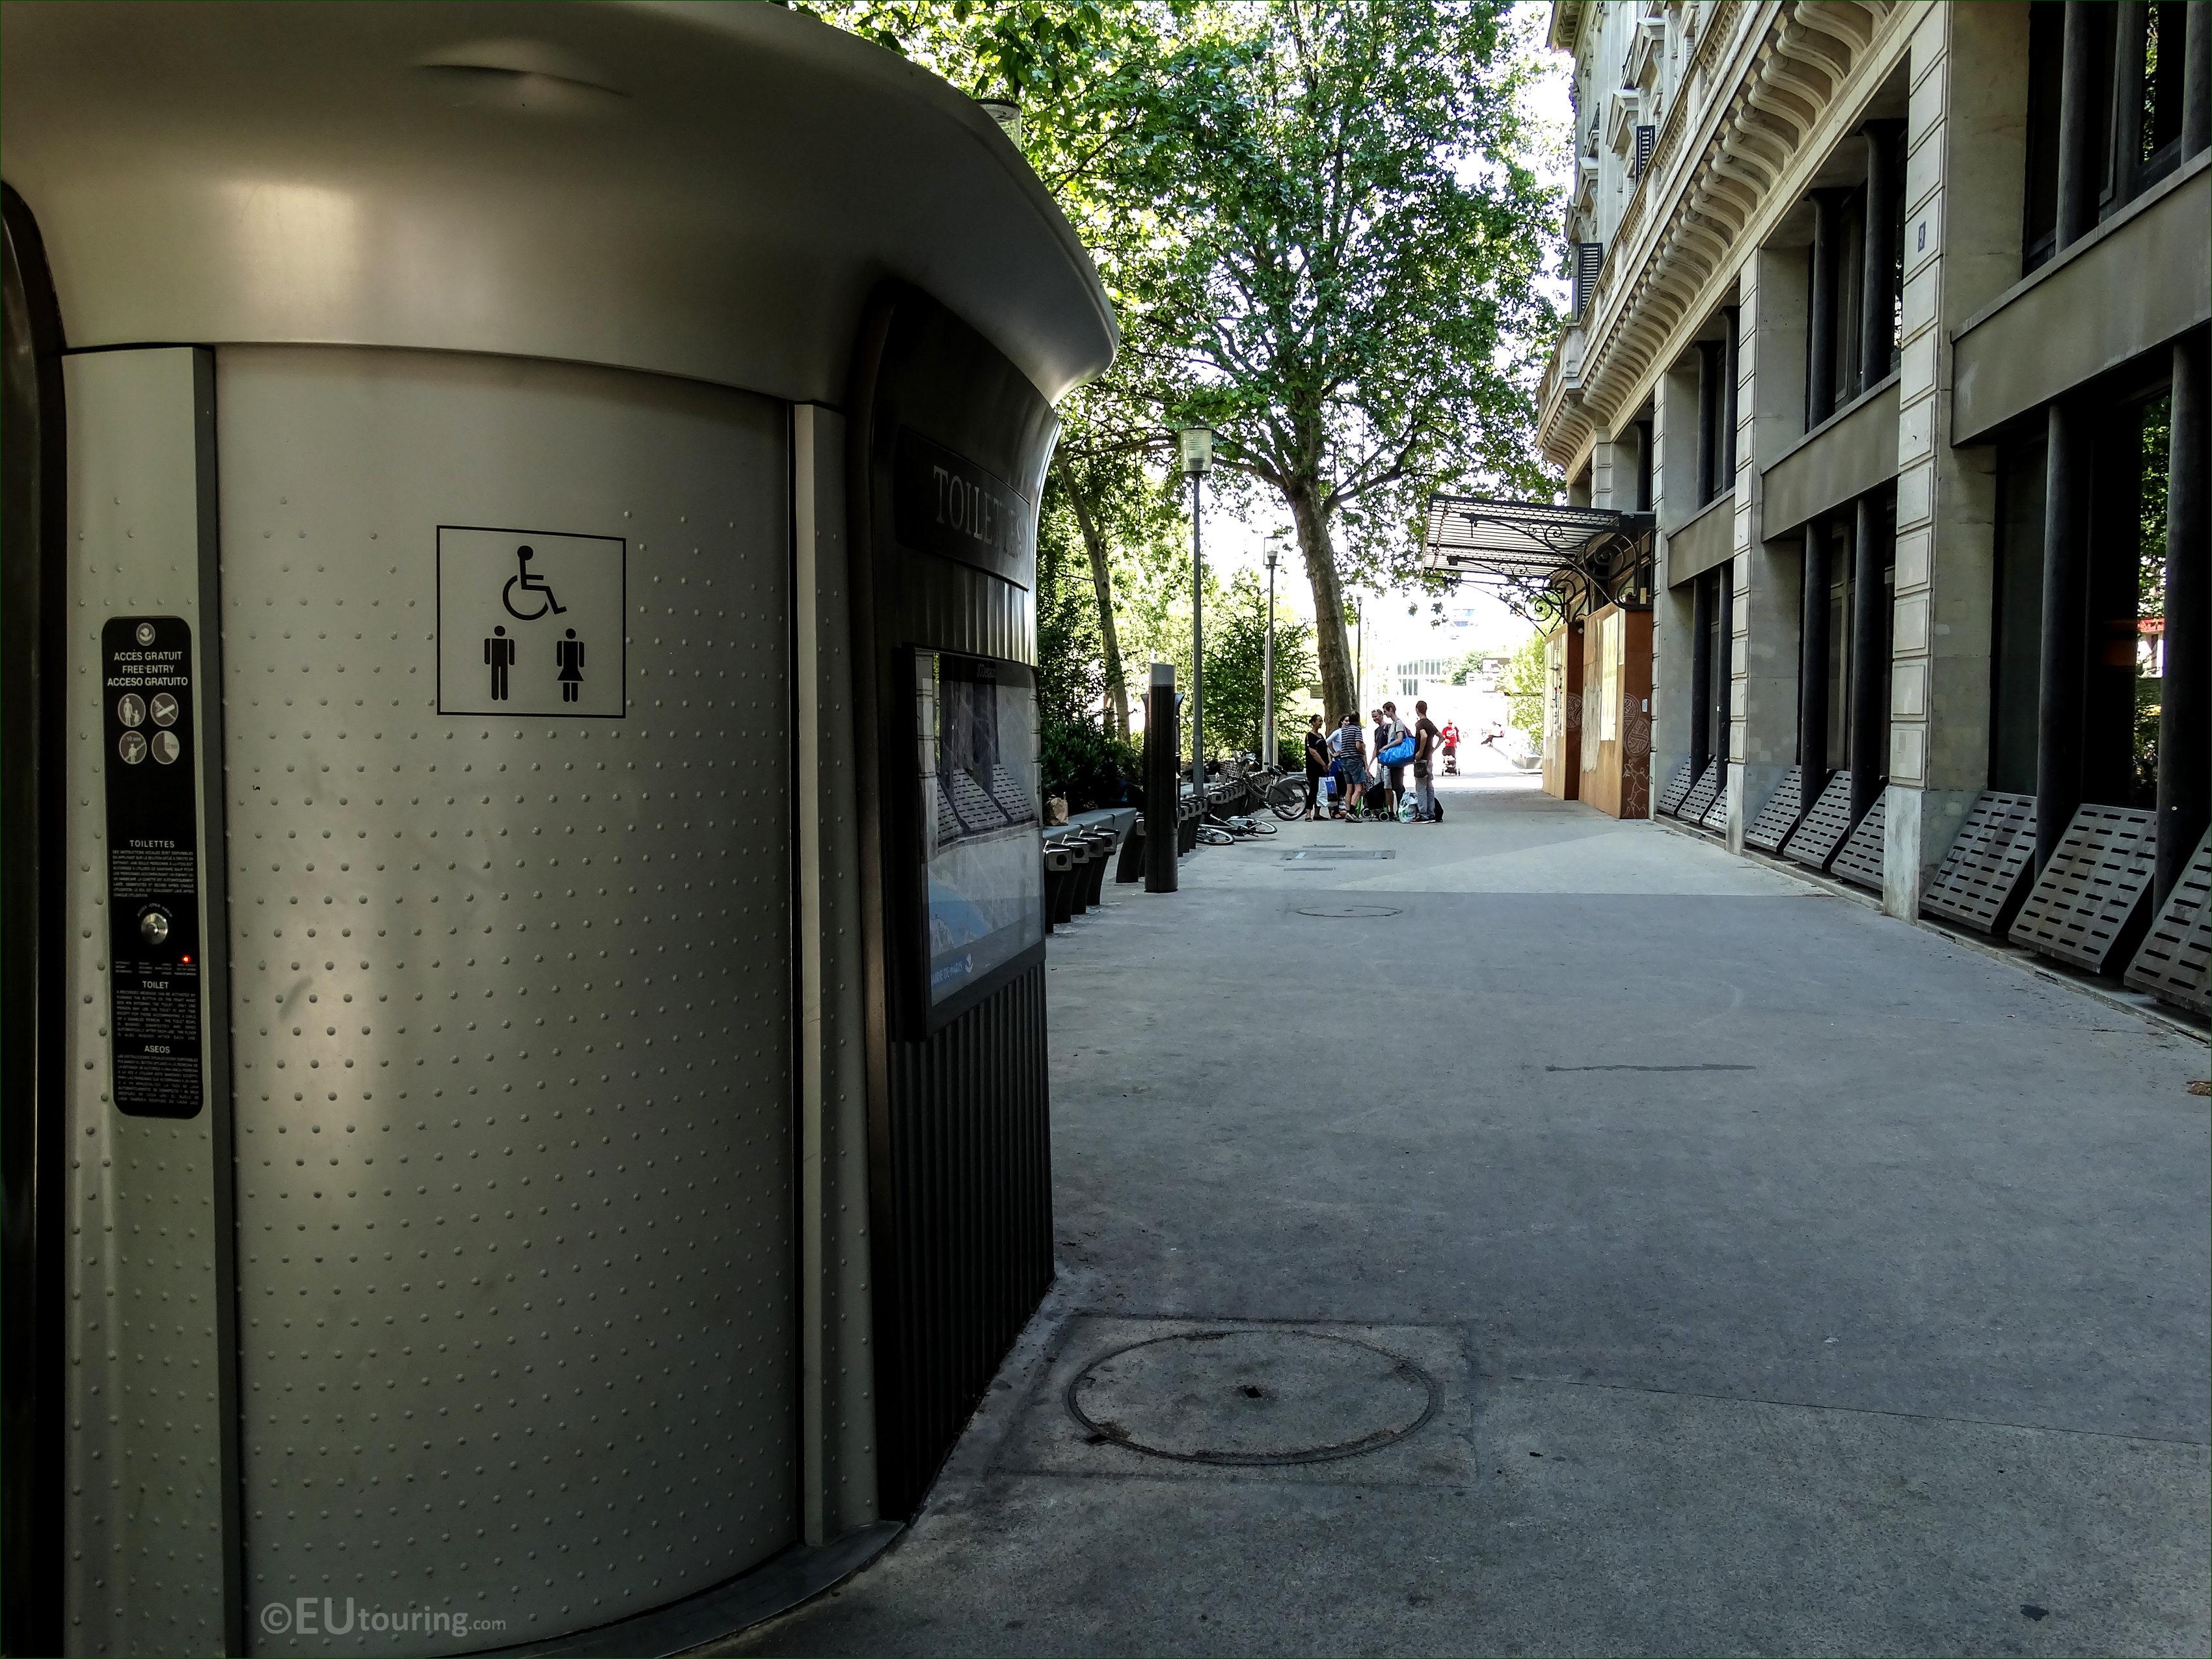 Location Maps Of Public Toilets In Paris concernant Toilettes Publics